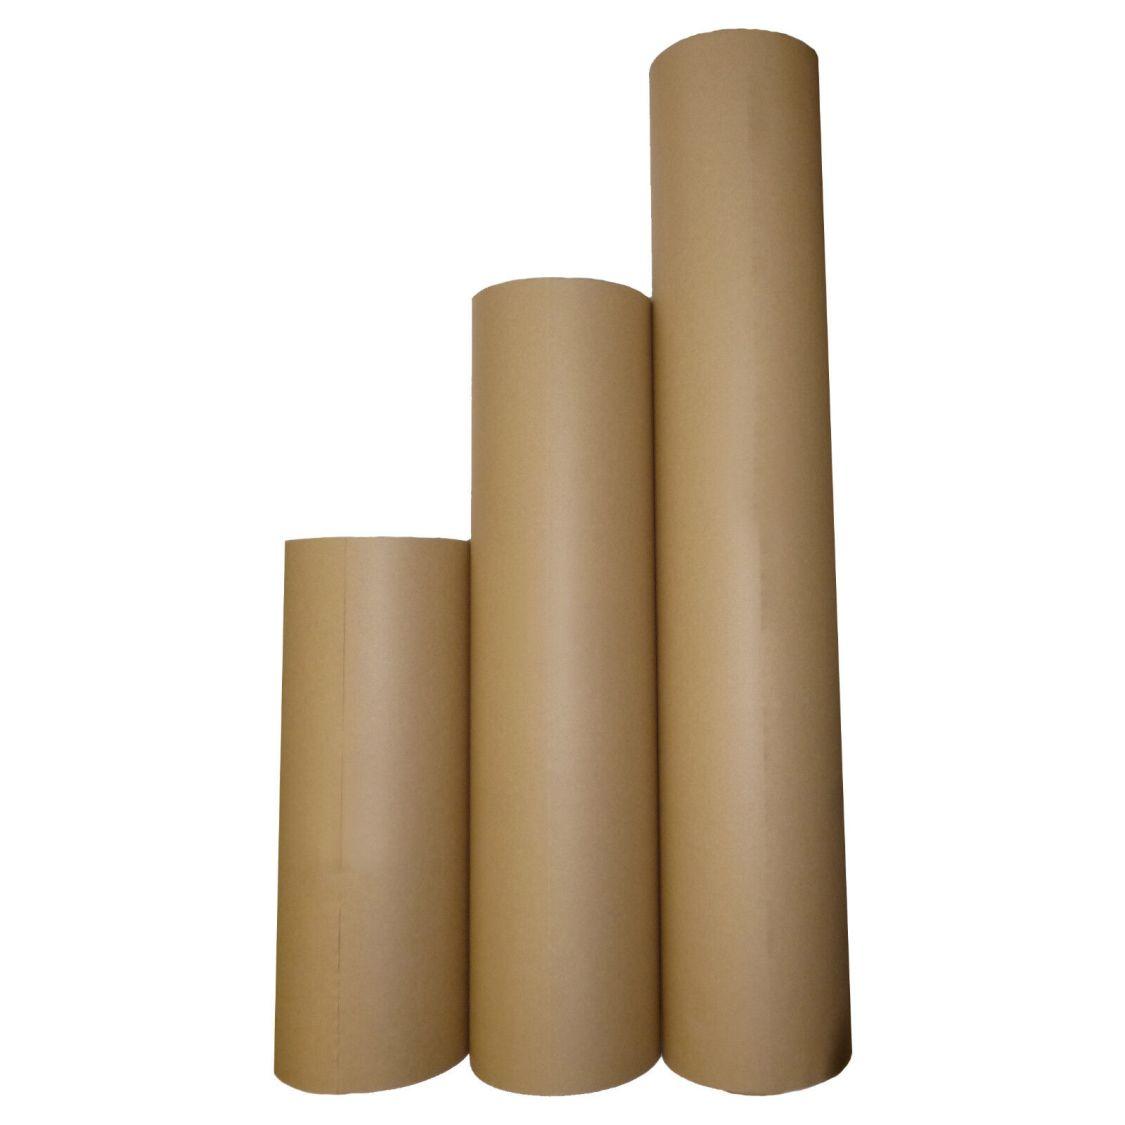 Natronpapier Schrenzpapier Kraftpapier Packpapier Rollen 80g Größe/Menge wählbar